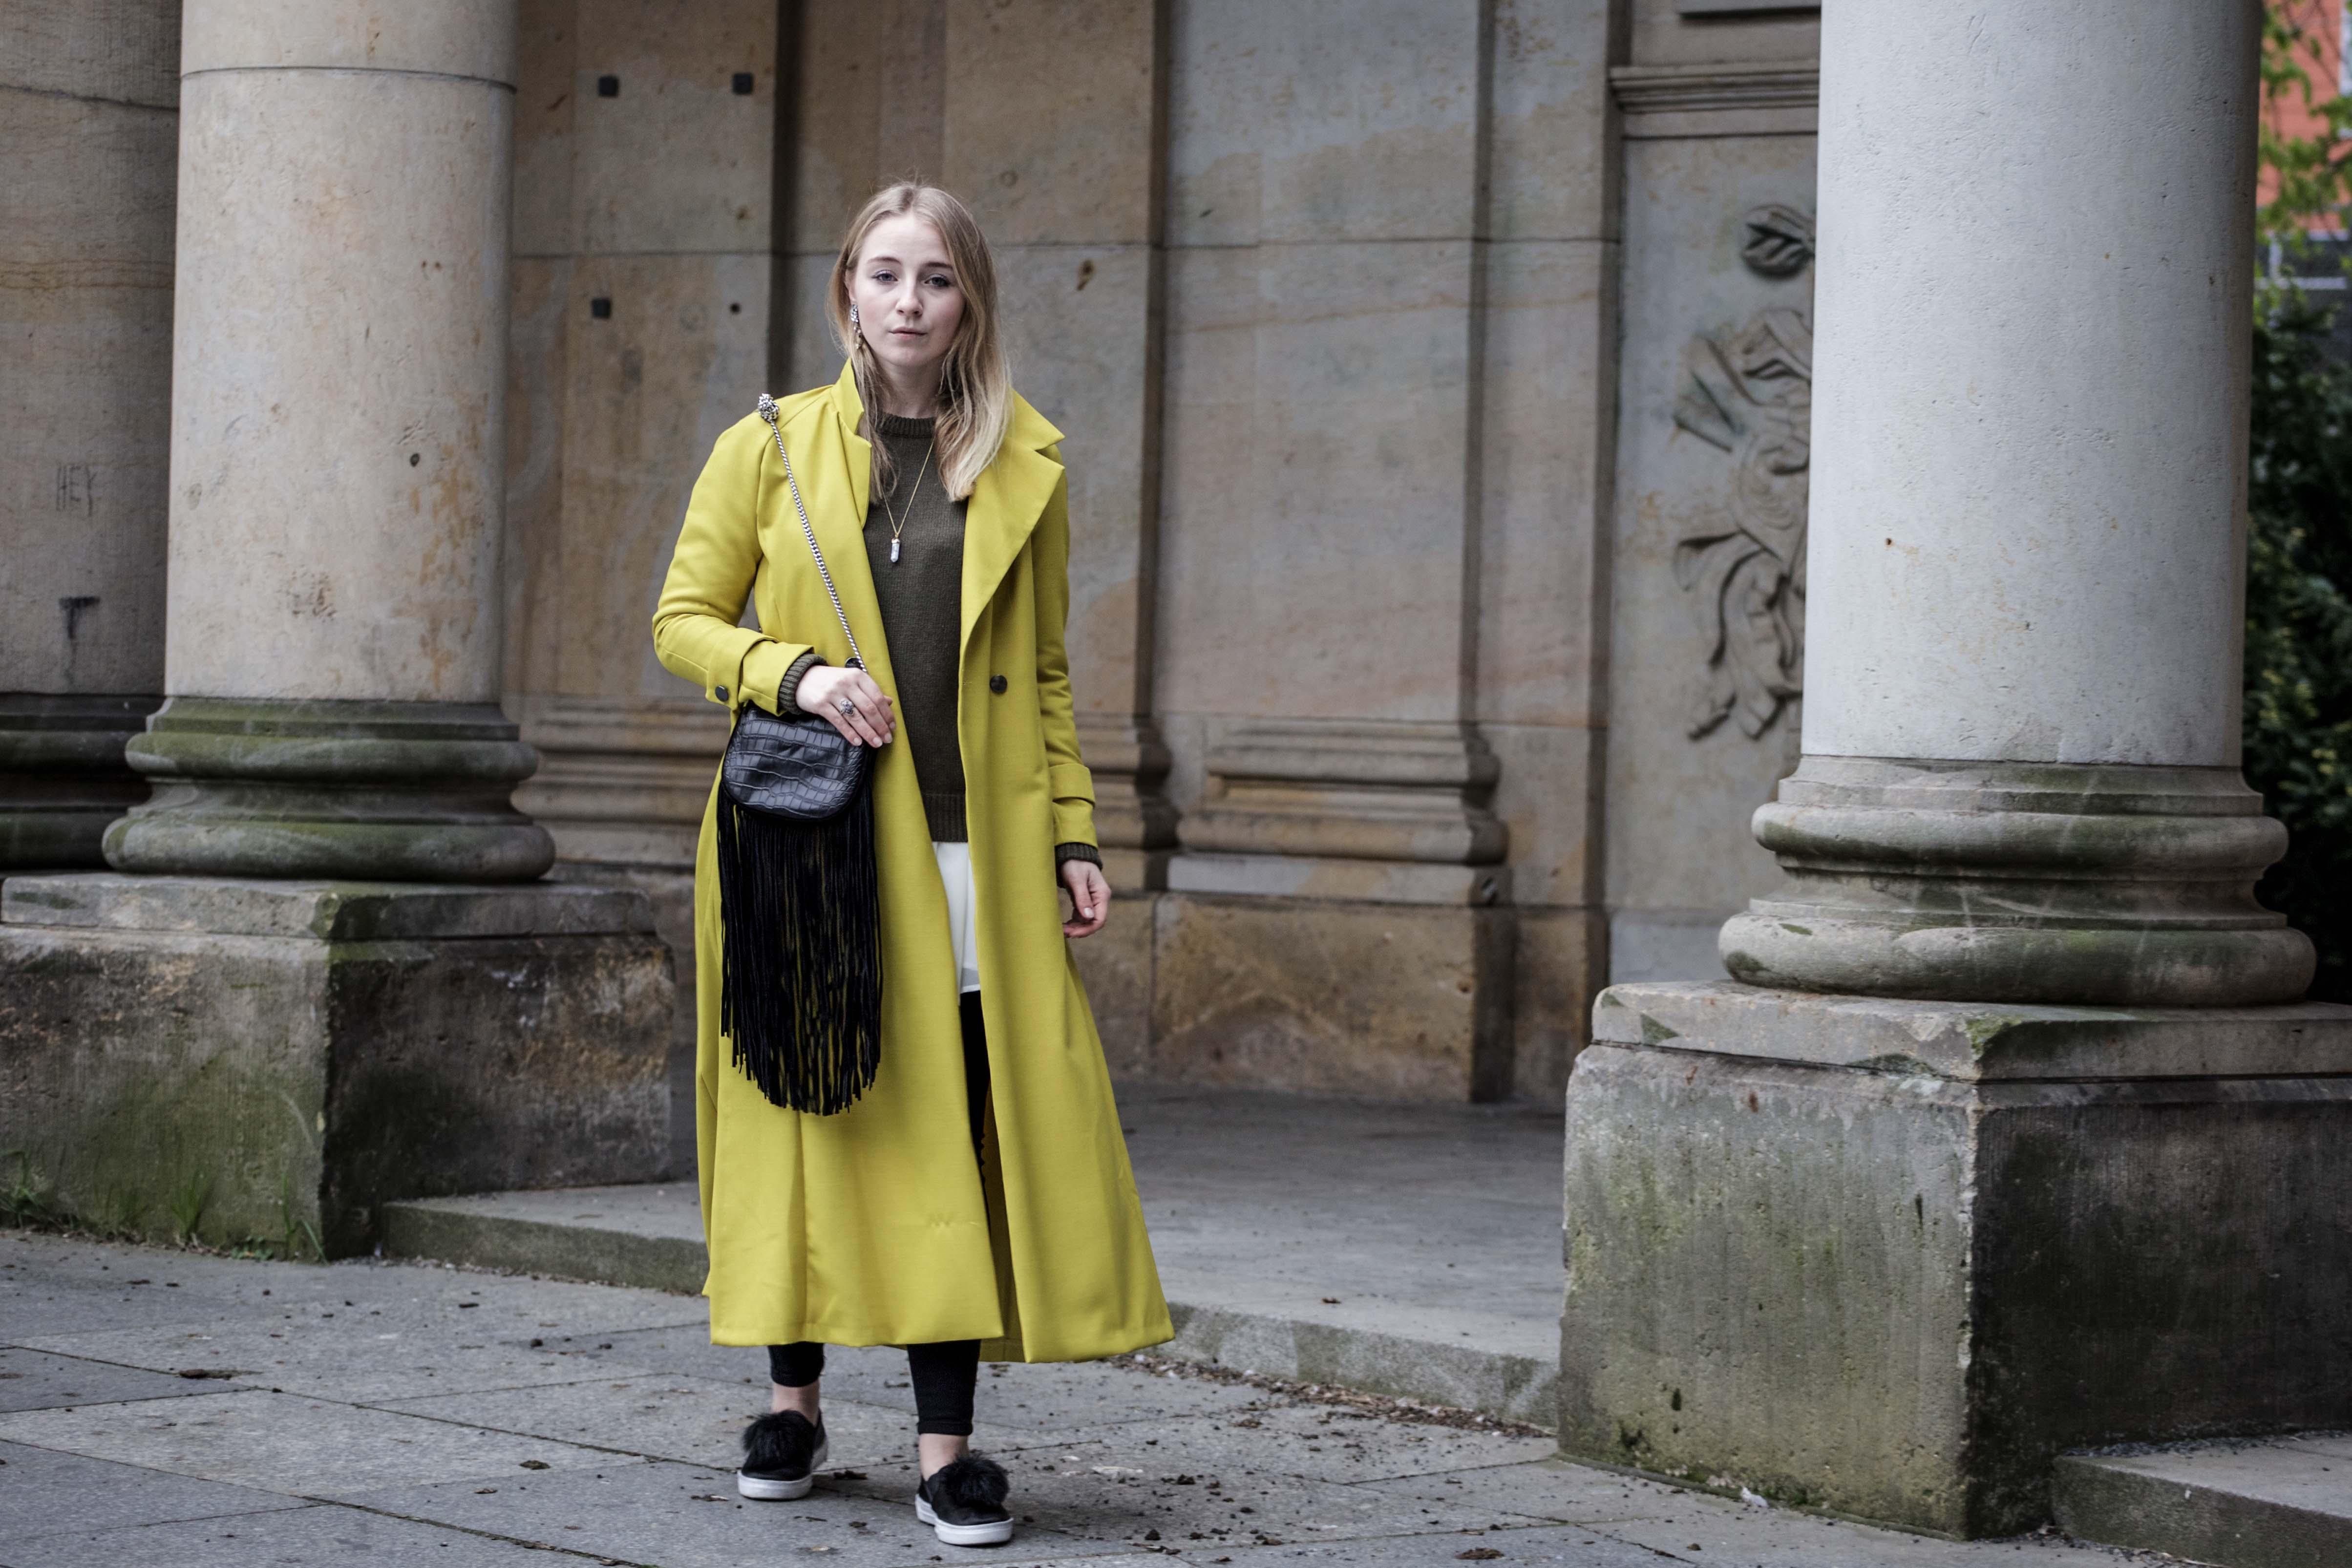 gelber-trenchcoat-frühling-outfit-sommer-fashionblog-modeblog_6289